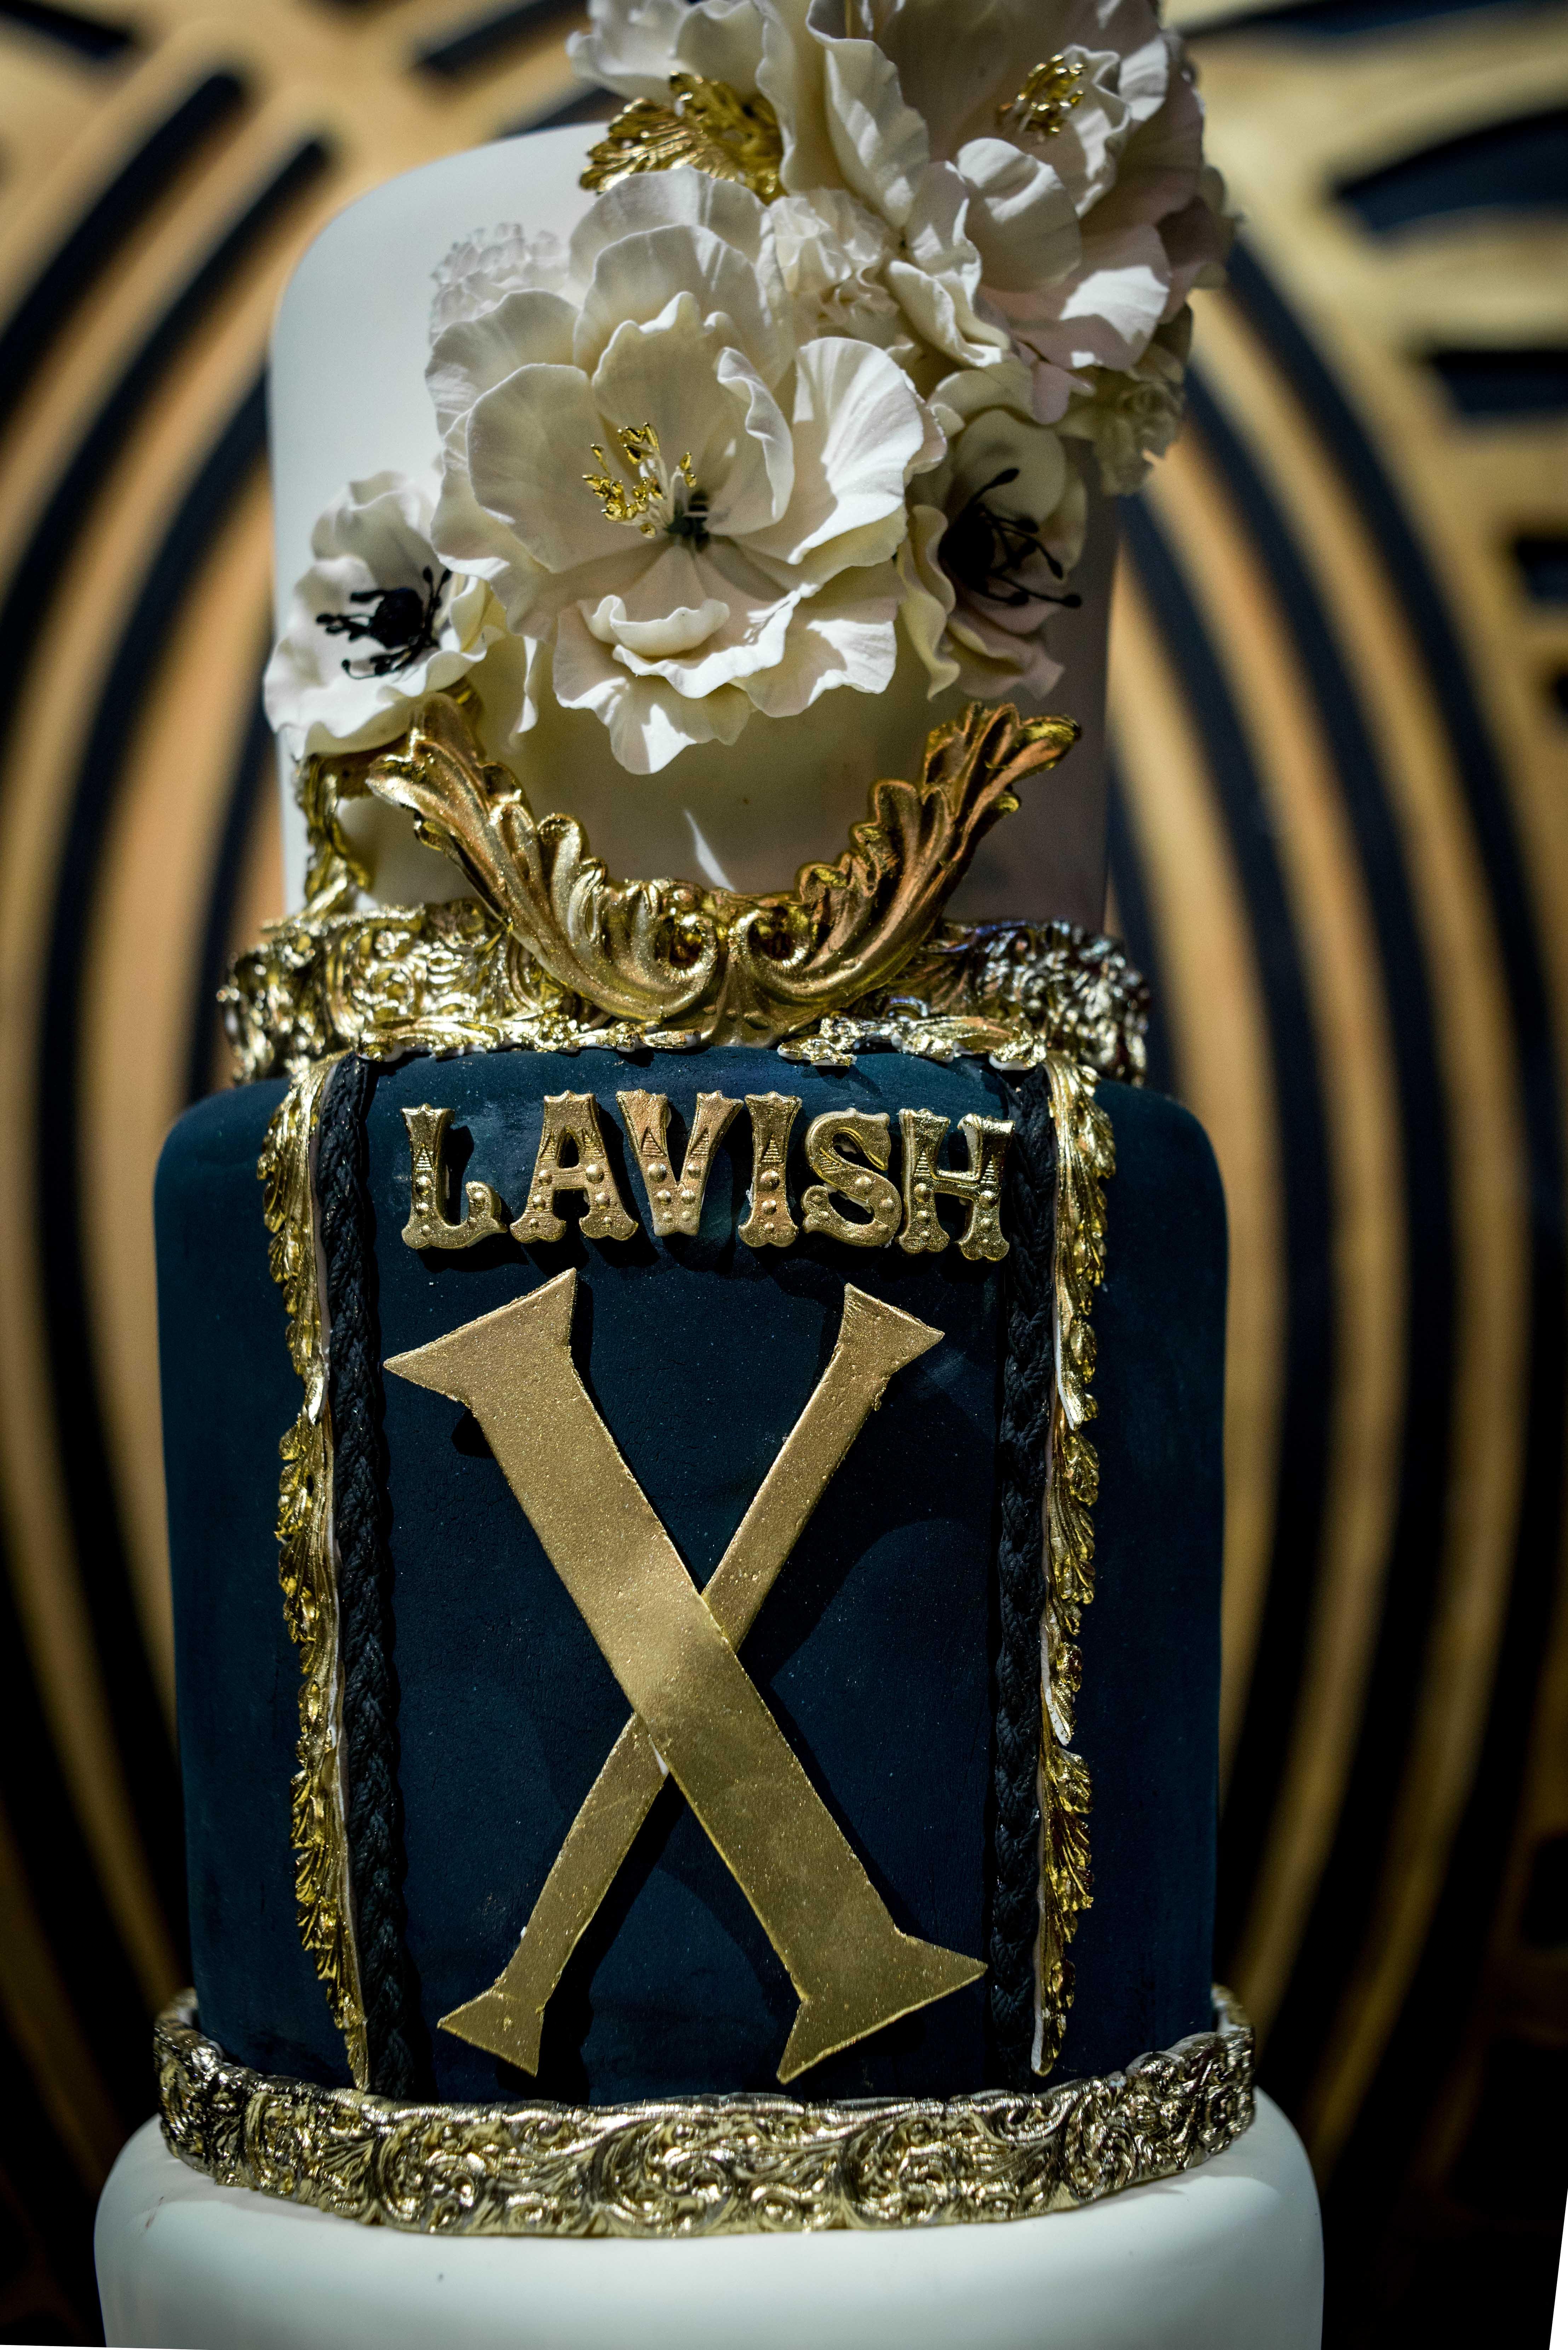 38-VEN-Biji-LavishSoireeEX-LR-WM-LL6_7957